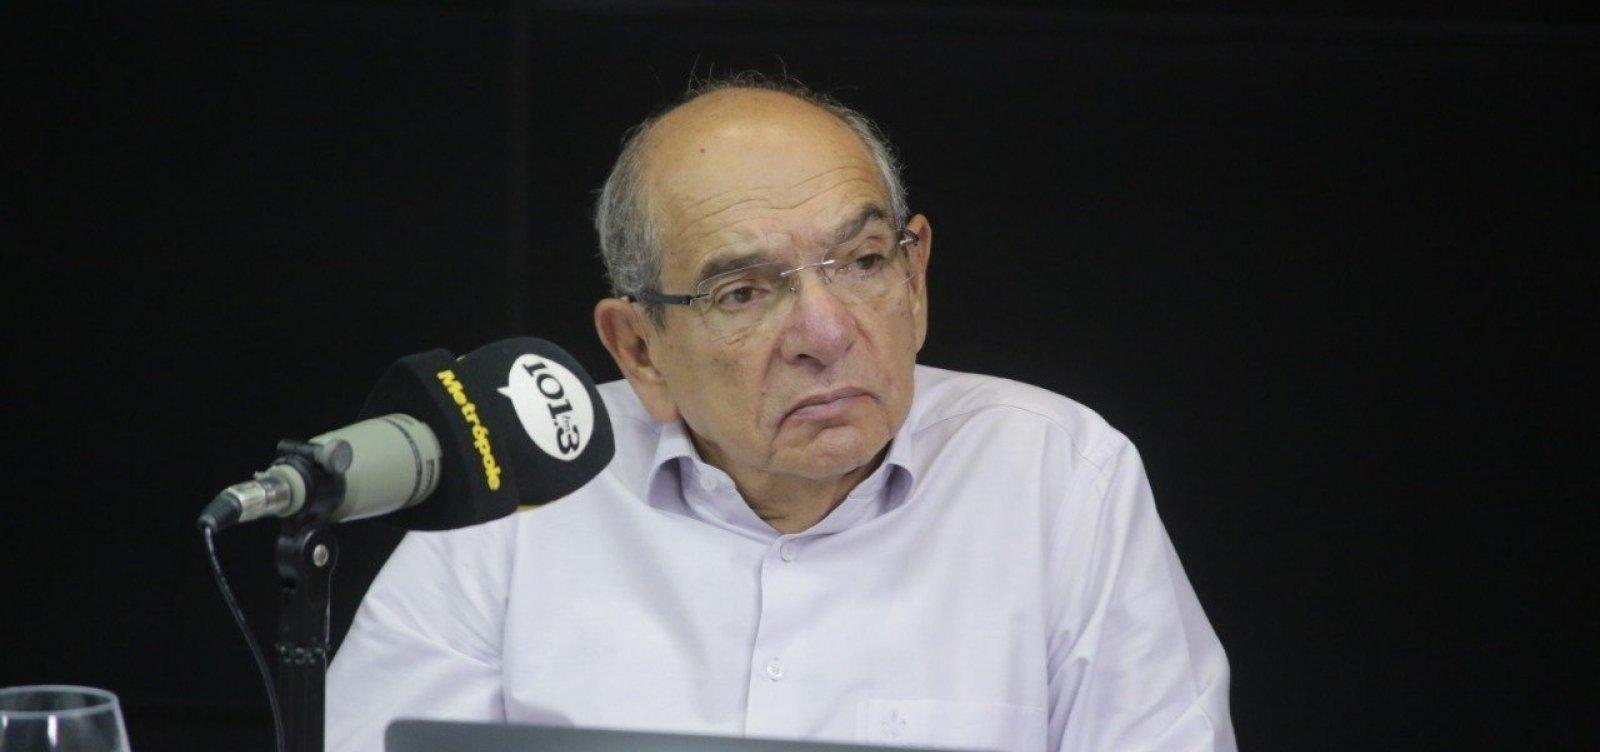 MK lamenta morte de Haroldo Lima: 'Um ser humano iluminado'; ouça